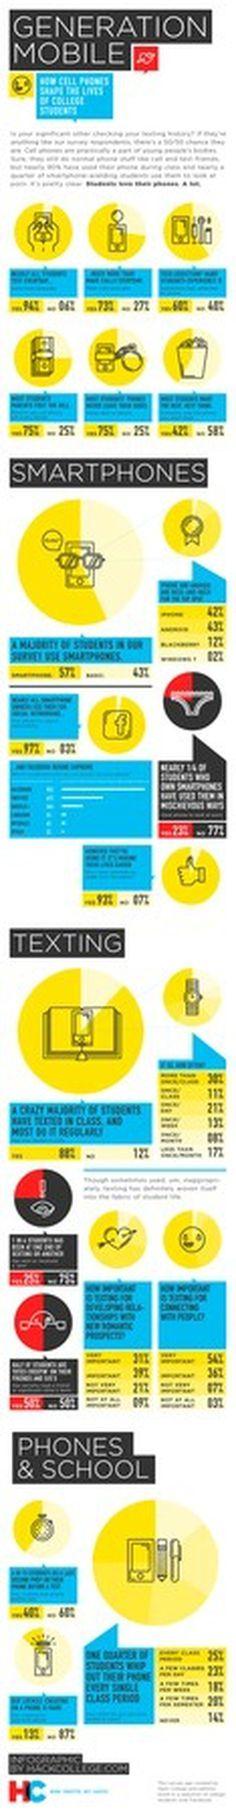 Generation Mobile #sillo